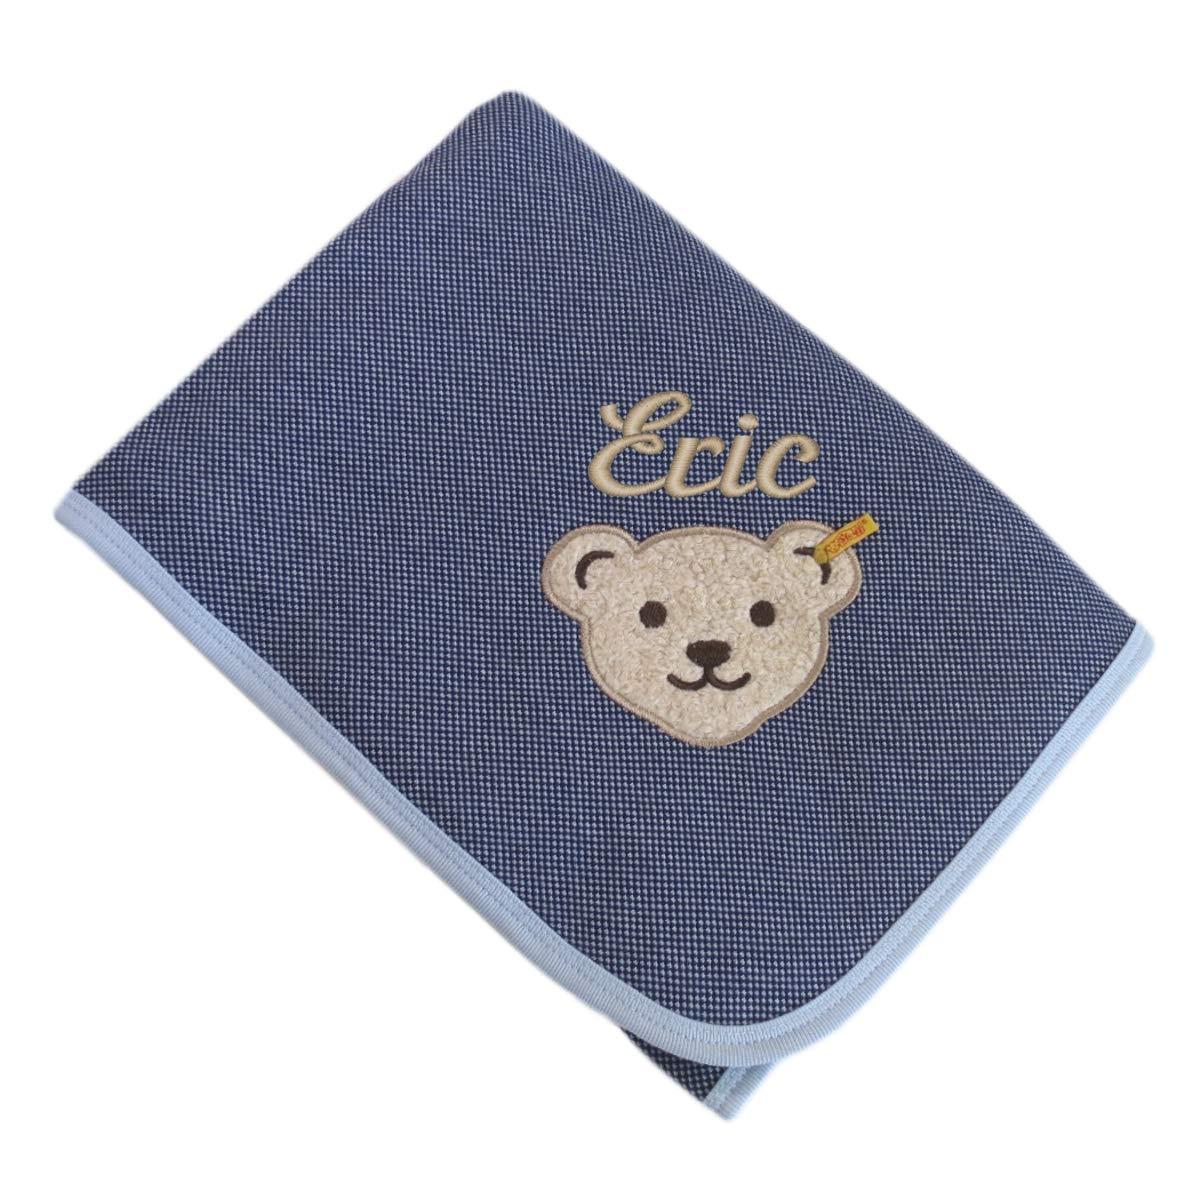 Steiff Baumwolldecke mit Ihrem Wunsch Namen in der abgebildeten Stickschrift bestickt 90 cm x 60 cm blau blau fein kariert Namensdecke shades of blue